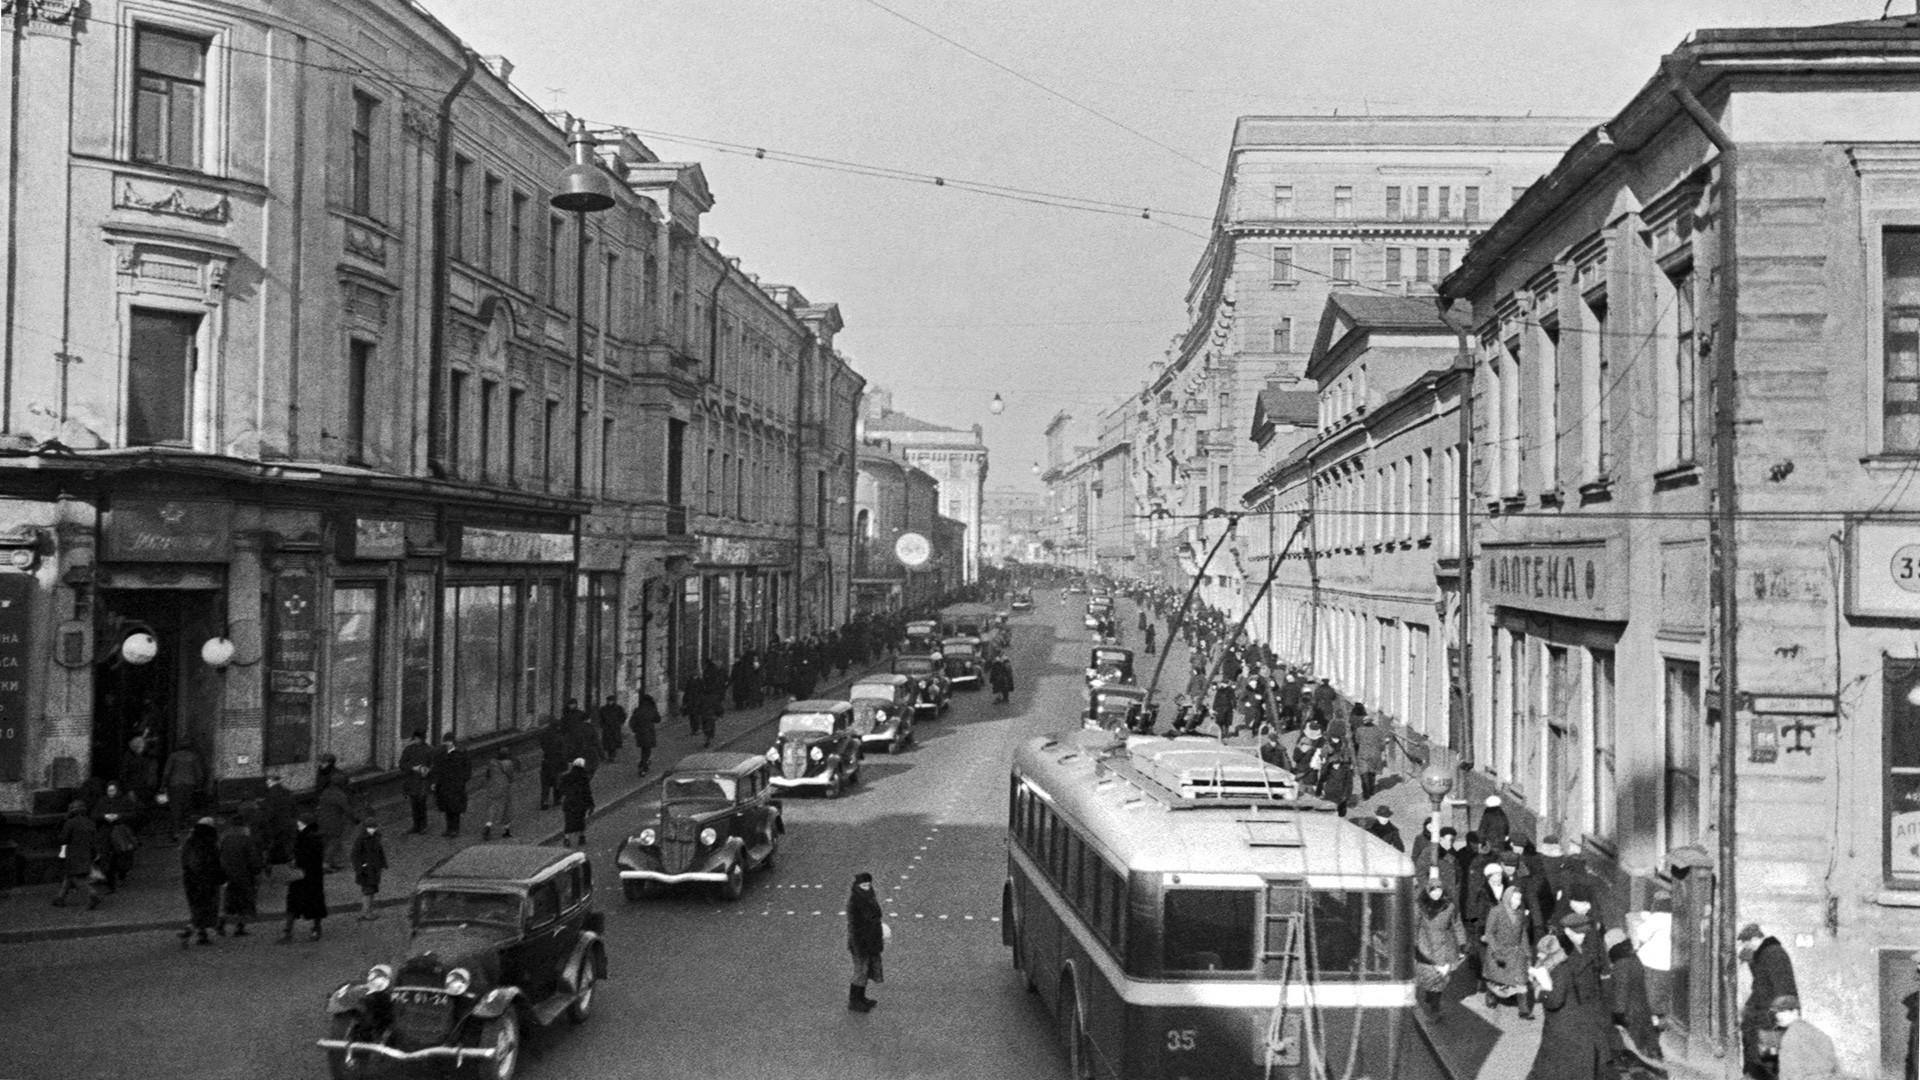 Ulica Gorkega, danes Tverska, v sovjetskem obdobju.